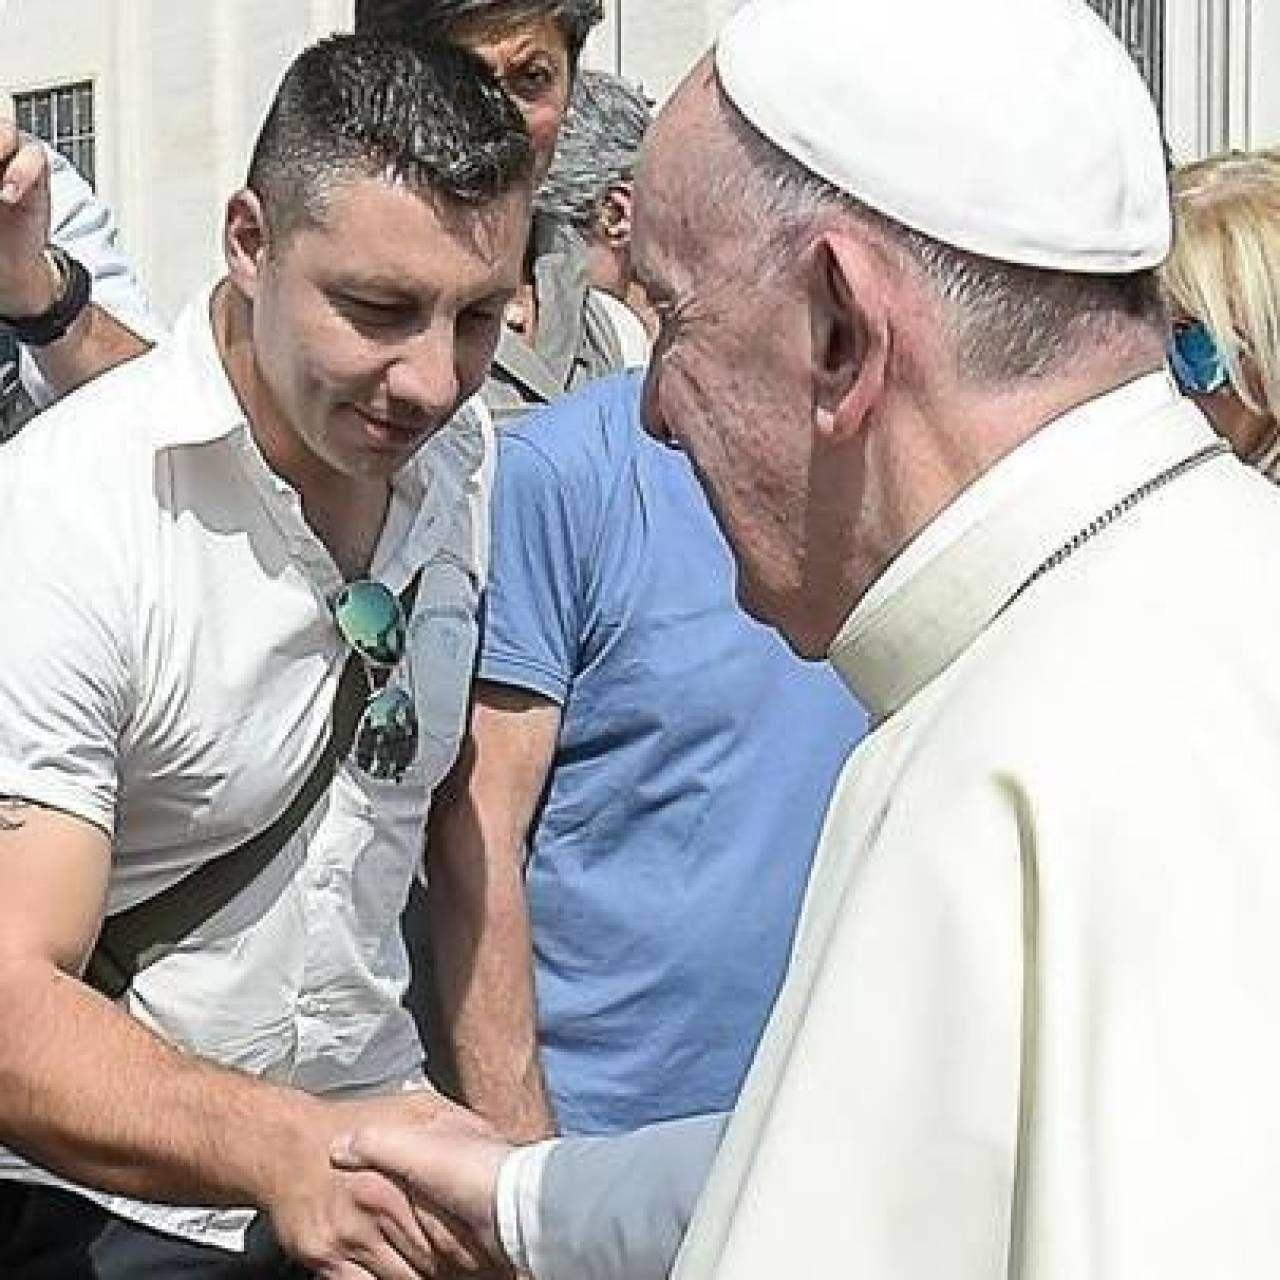 Francesco Borgheresi e Papa Francesco al termine dell'udienza in piazza San Pietro concessa alle vittime del Forteto; sotto, la mobile di Cuneo subito dopo l'omicidio